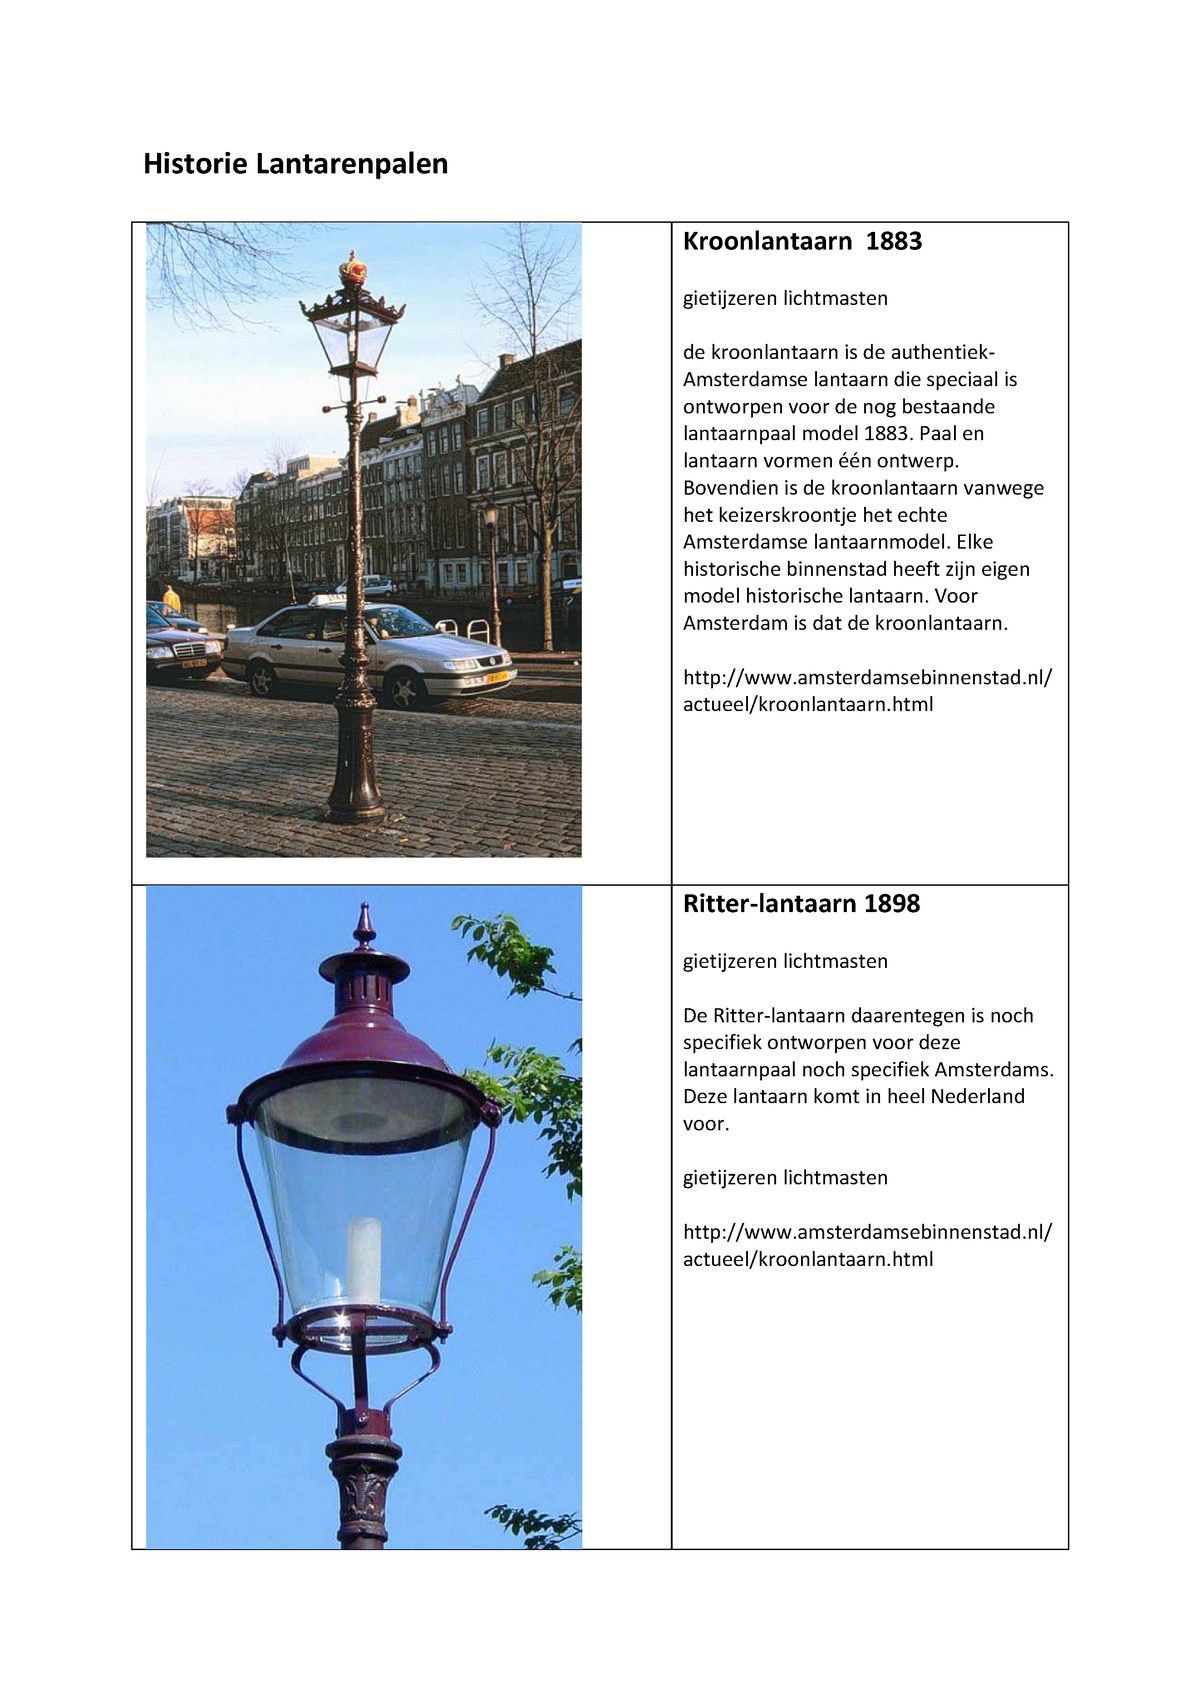 Nieuw Overzicht lantarenpalen (Honours Module) - IO2040-13: Industriële RW-05